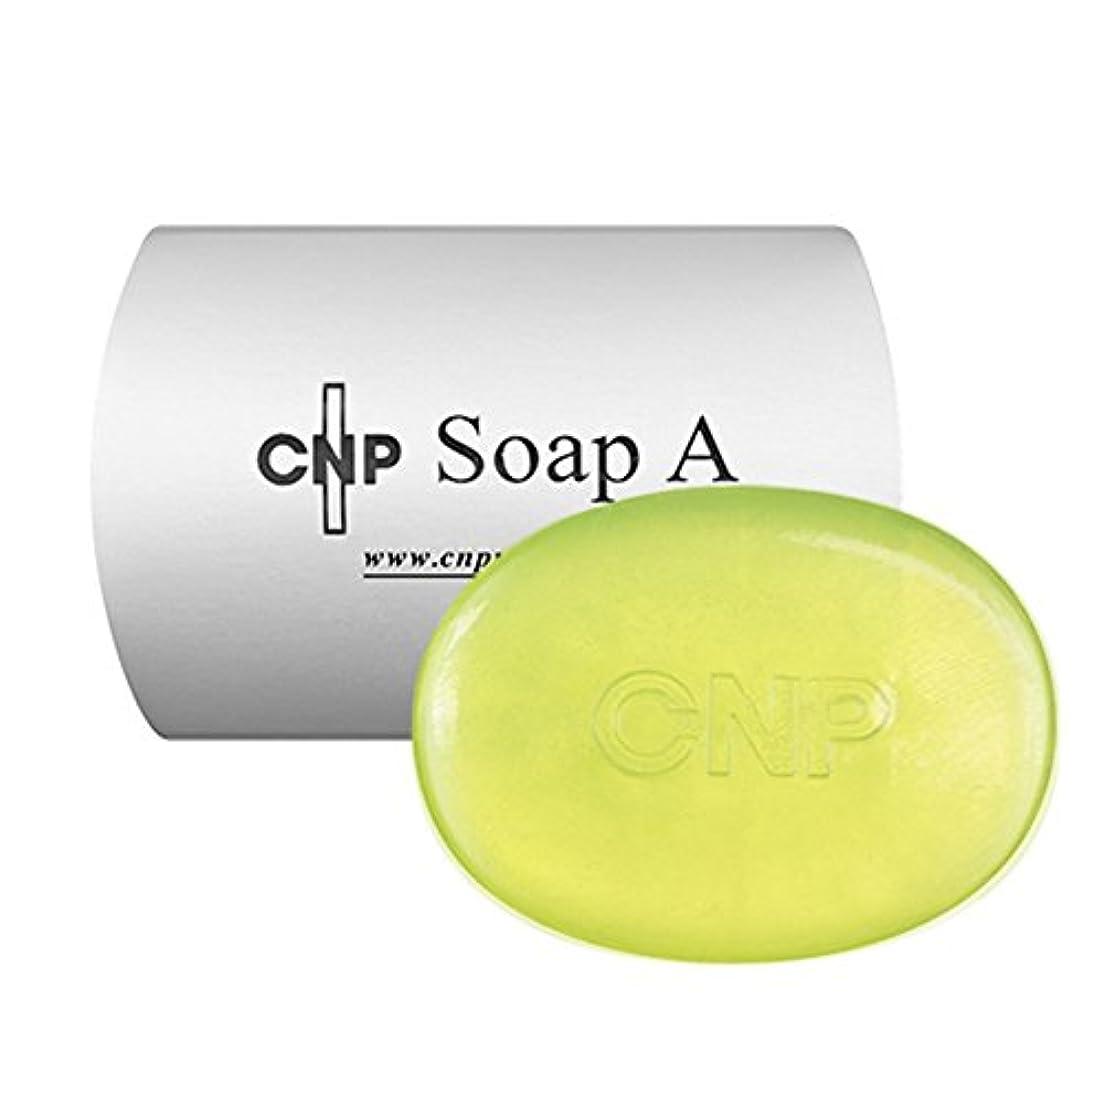 聴覚調停者ピクニックをするCNP Soap A チャアンドパク ソープ A [並行輸入品]